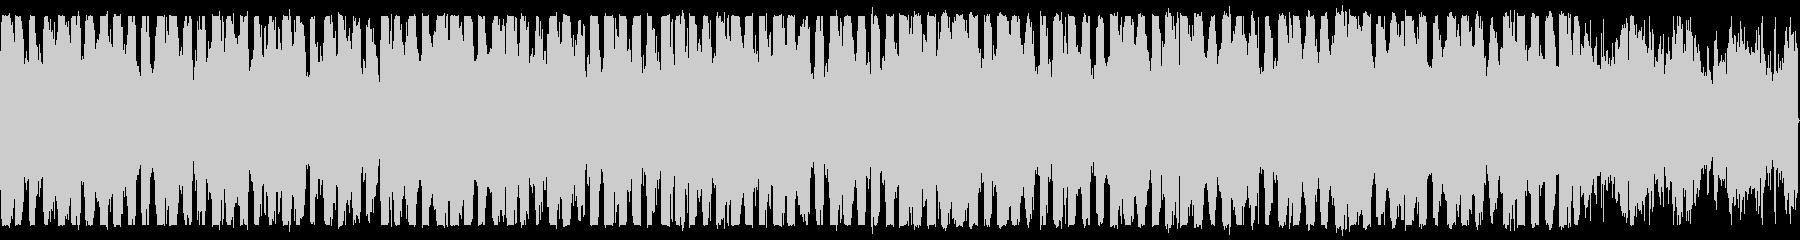 幻想的なピアノとハープのBGMループ可の未再生の波形